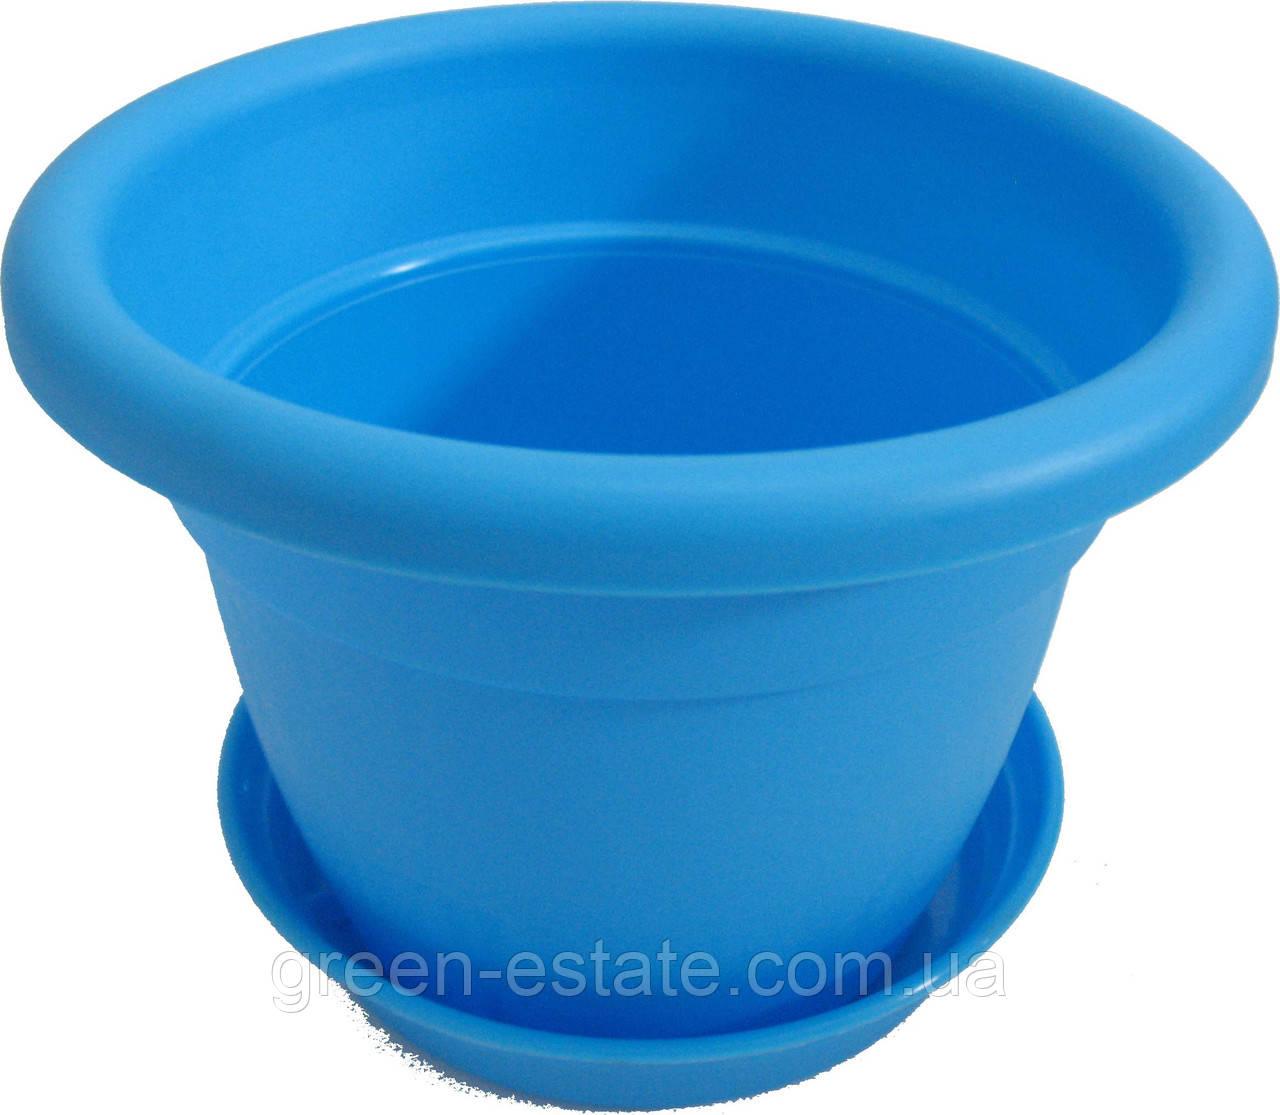 Вазон Антик 18 2,85 л синій